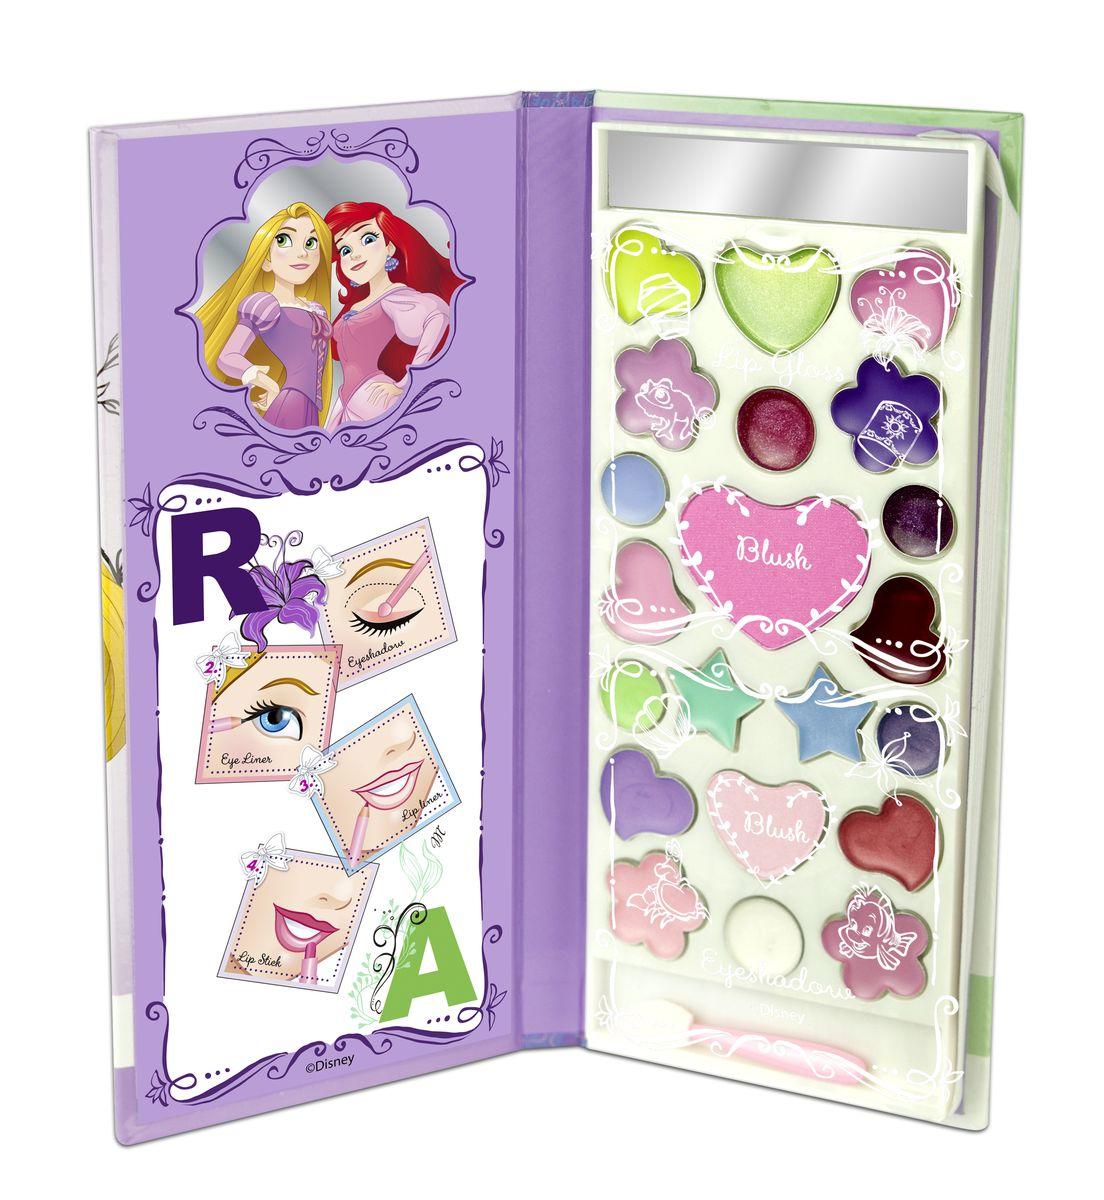 Markwins Игровой набор детской декоративной косметики Princess AR в книжке26102025Состав набора: палитра блесков для губ из 10 оттенков, румяна 2 оттенка, палитра кремовых теней для век из 9 оттенков, аппликатор 1 шт., зеркальце 1 шт.